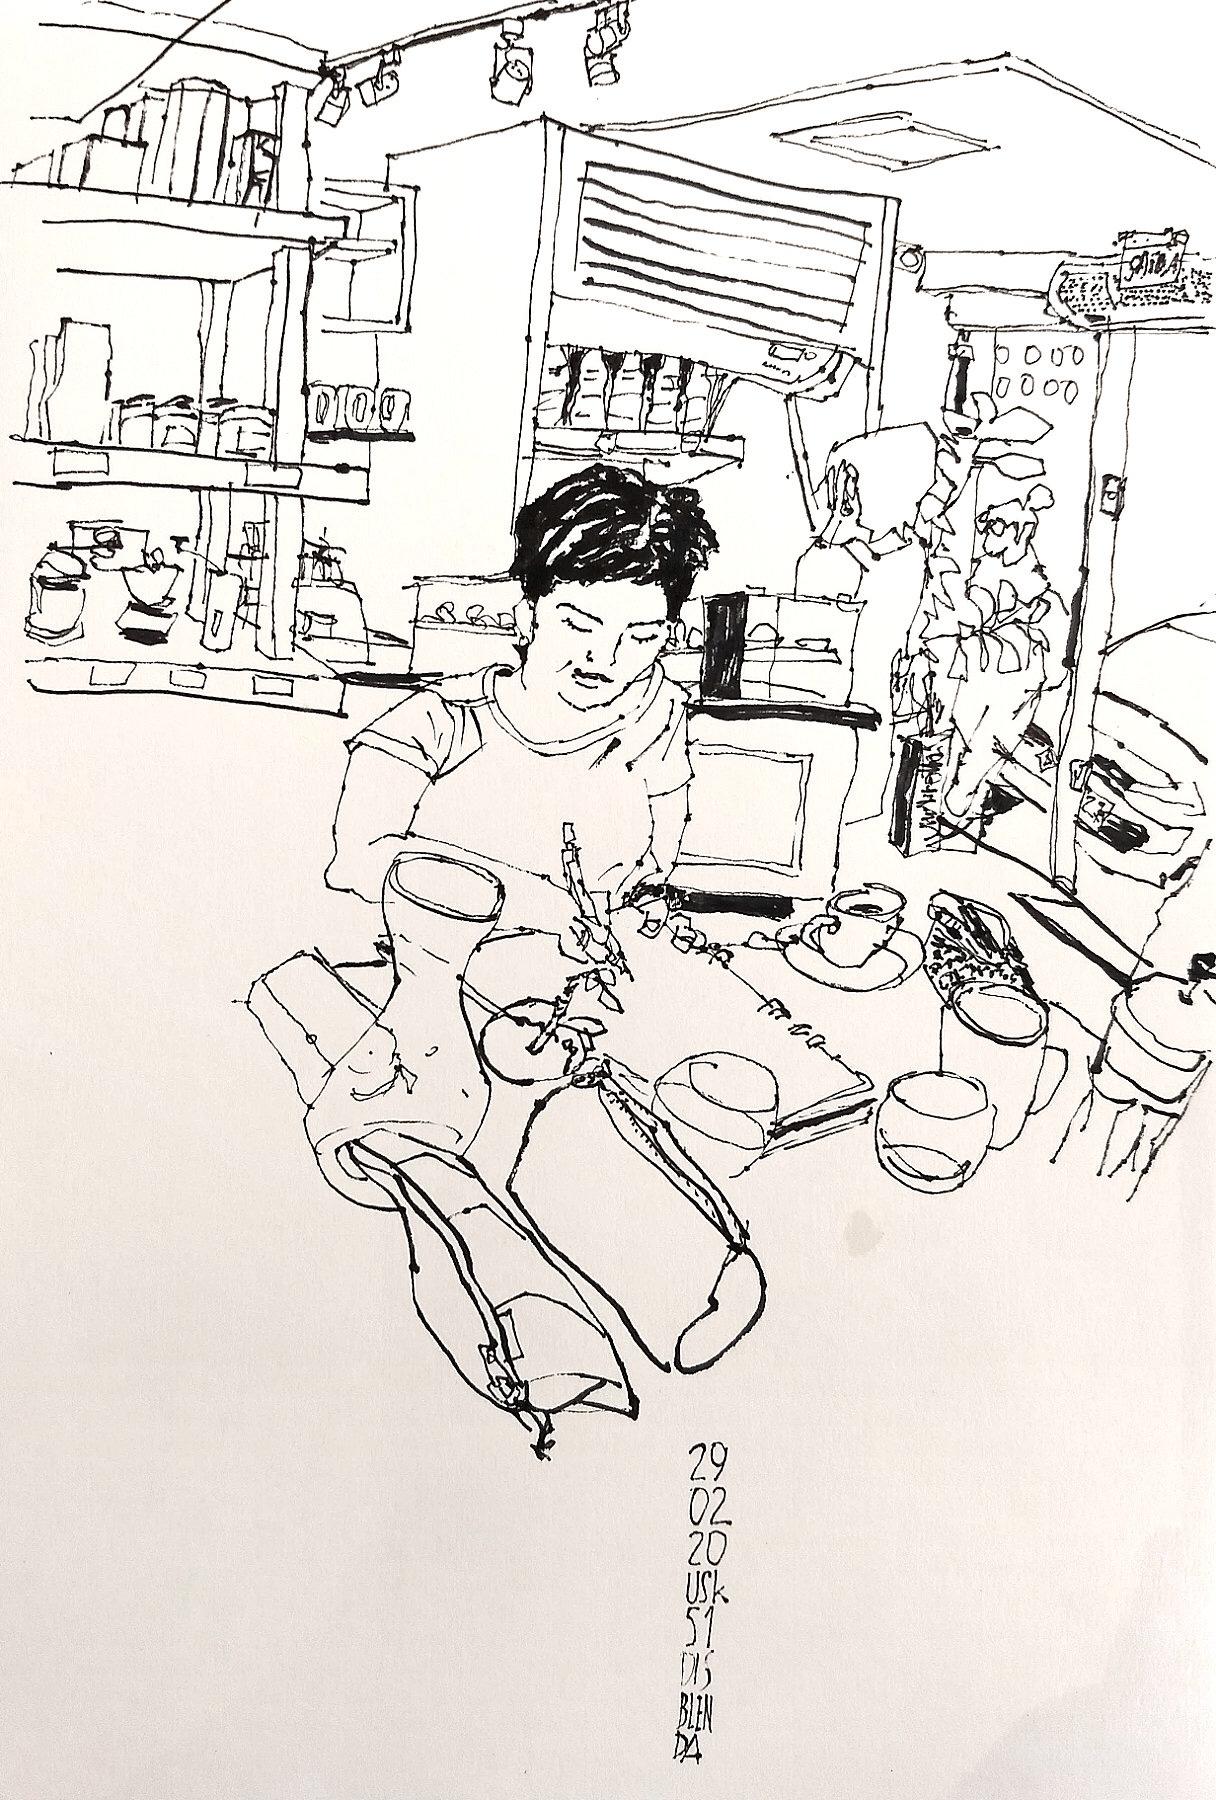 Desenho a traço retratando uma mulher desenhando em cima de uma mesa com cadernos e estojos. Ao fundo, o ambiente do café Disblenda